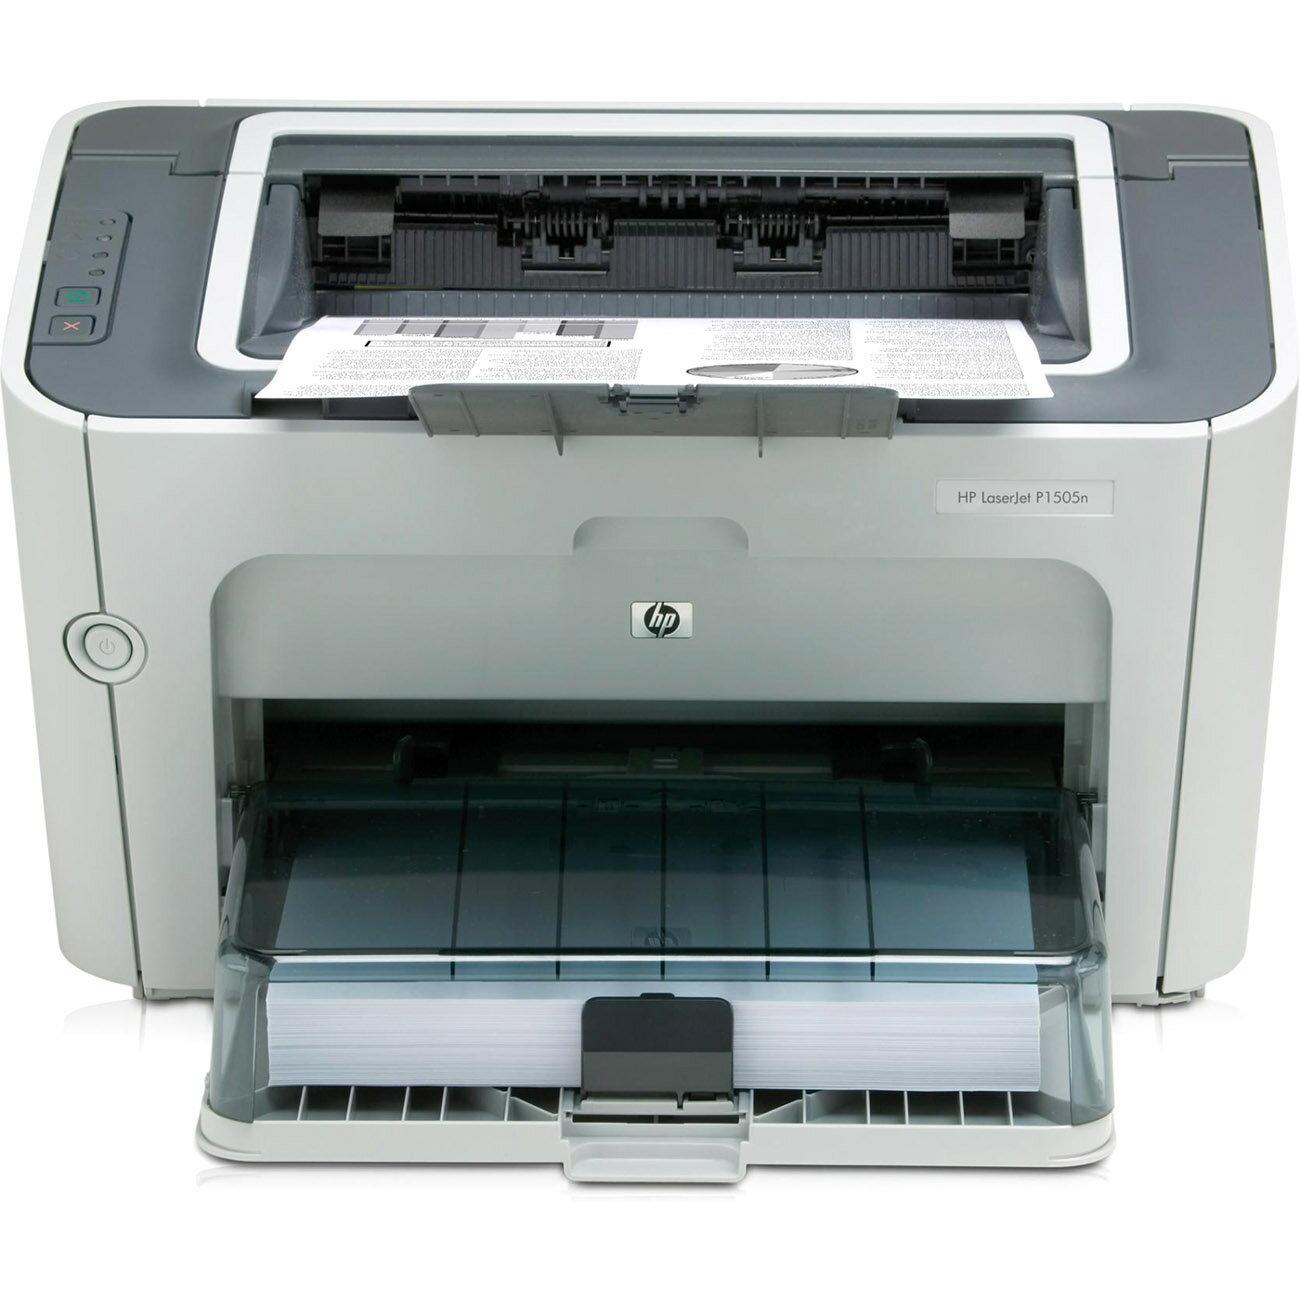 HP LaserJet P1500 P1505N Laser Printer - Monochrome - 600 x 600 dpi Print - Plain Paper Print - Desktop - 23 ppm Mono Print - A4, A5, A6, B5, C5 Envelope, DL Envelope, B5 Envelope, Custom Size - 260 sheets Standard Input Capacity - 8000 Duty Cycle - Manua 0